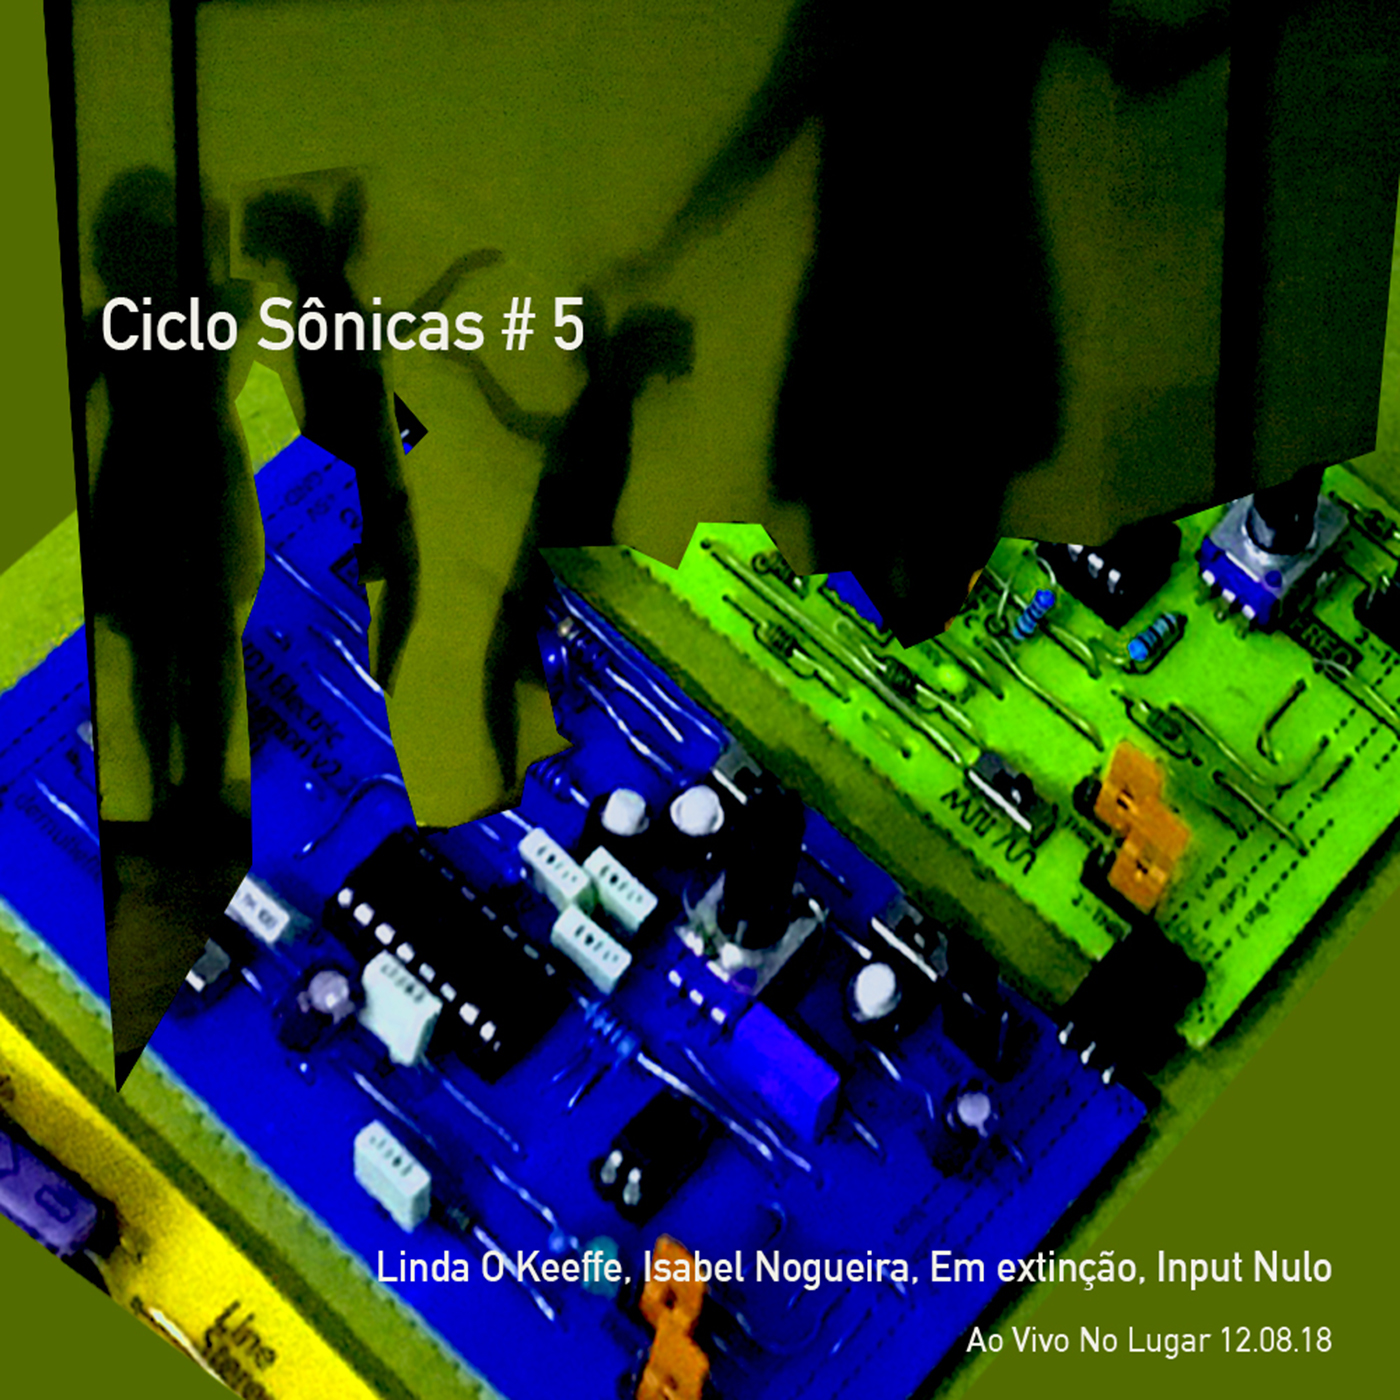 MSRCD095 - Ciclo Sônicas # 5 - Ao vivo no LUGAR, 12.08.18